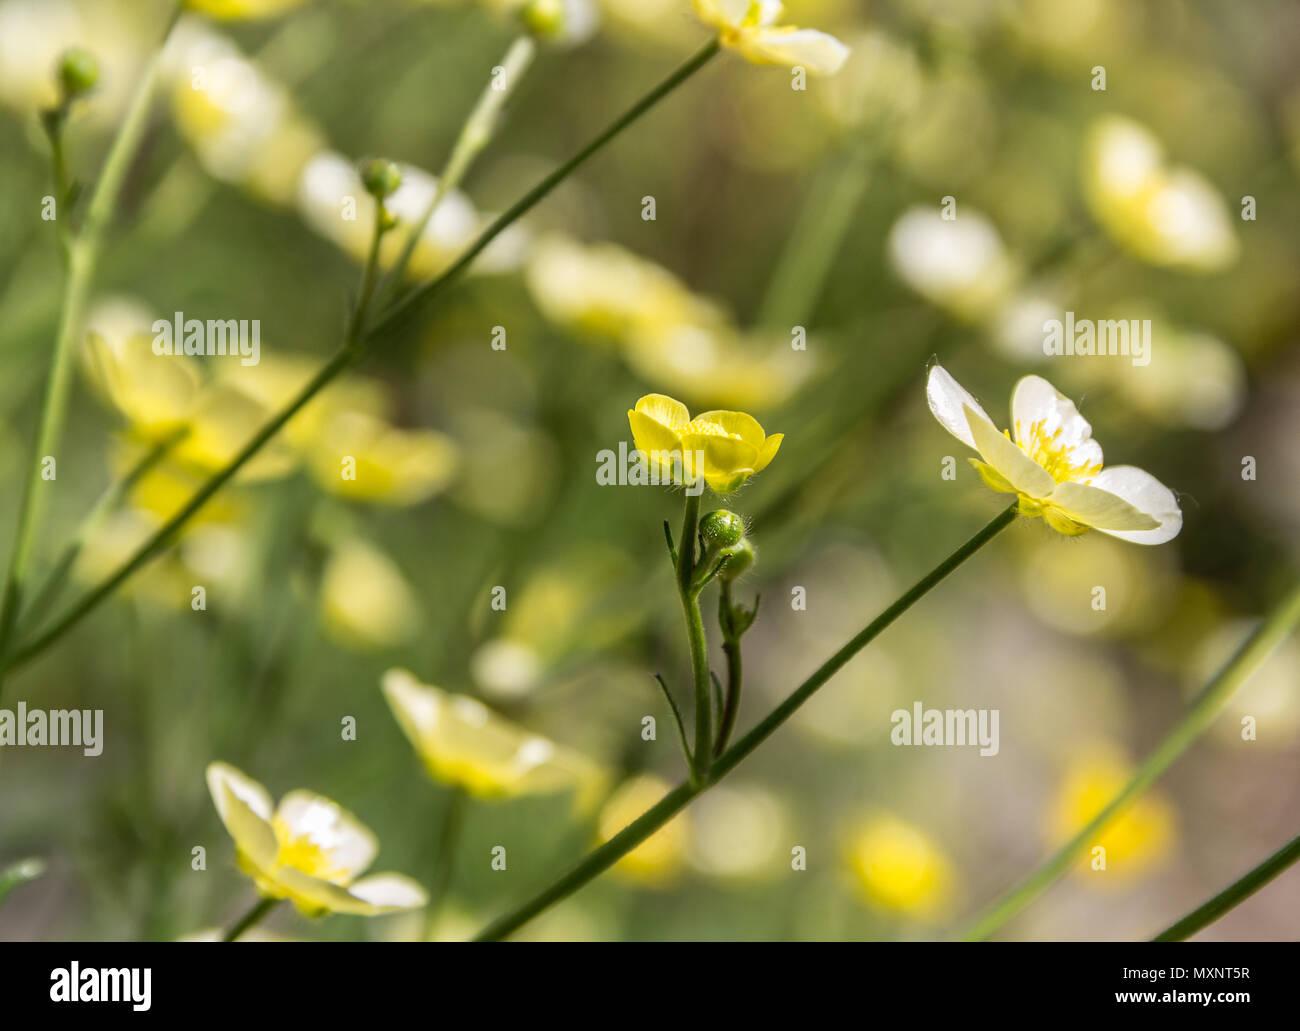 Las Flores Amarillas Silvestres Fondo De Verano Foto Imagen De